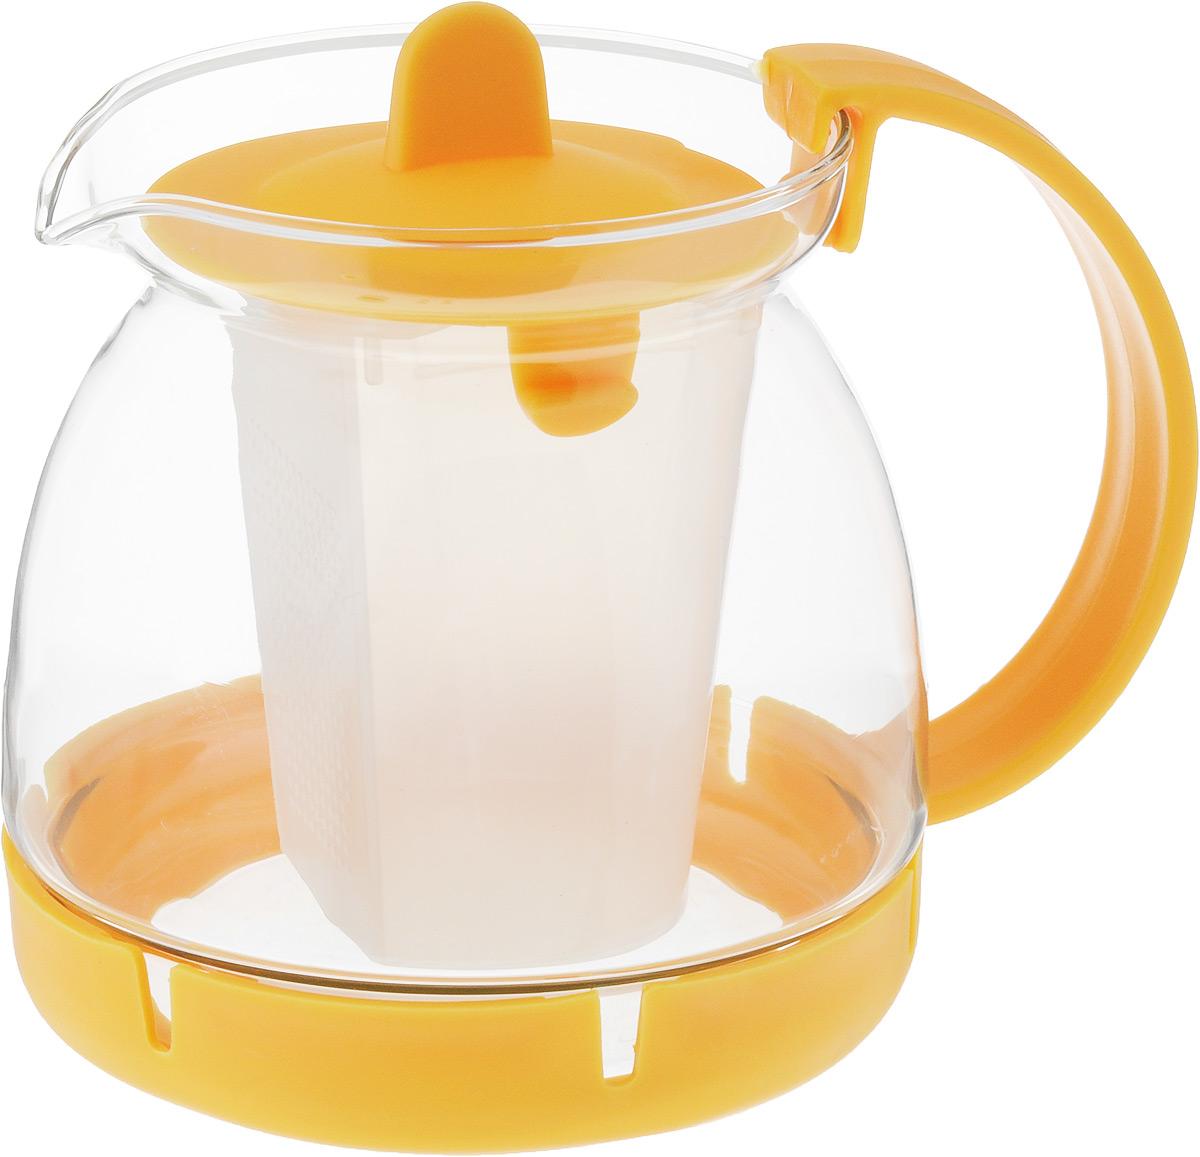 Чайник заварочный Mayer & Boch, с фильтром, 800 мл26175-2Чайник заварочный Mayer & Boch изготовлен из термостойкого боросиликатного стекла, фильтр выполнены из полипропилена. Изделия из стекла не впитывают запахи, благодаря чему вы всегда получите натуральный, насыщенный вкус и аромат напитков. Заварочный чайник из стекла удобно использовать для повседневного заваривания чая практически любого сорта. Но цветочные, фруктовые, красные и желтые сорта чая лучше других раскрывают свой вкус и аромат при заваривании именно в стеклянных чайниках, а также сохраняют все полезные ферменты и витамины, содержащиеся в чайных листах. Фильтр гарантирует прозрачность и чистоту напитка от чайных листьев, при этом сохранив букет и насыщенность чая. Прозрачные стенки чайника дают возможность насладиться насыщенным цветом заваренного чая. Изящный заварочный чайник Mayer & Boch будет прекрасно смотреться в любом интерьере. Подходит для мытья в посудомоечной машине. Объем: 800 мл.